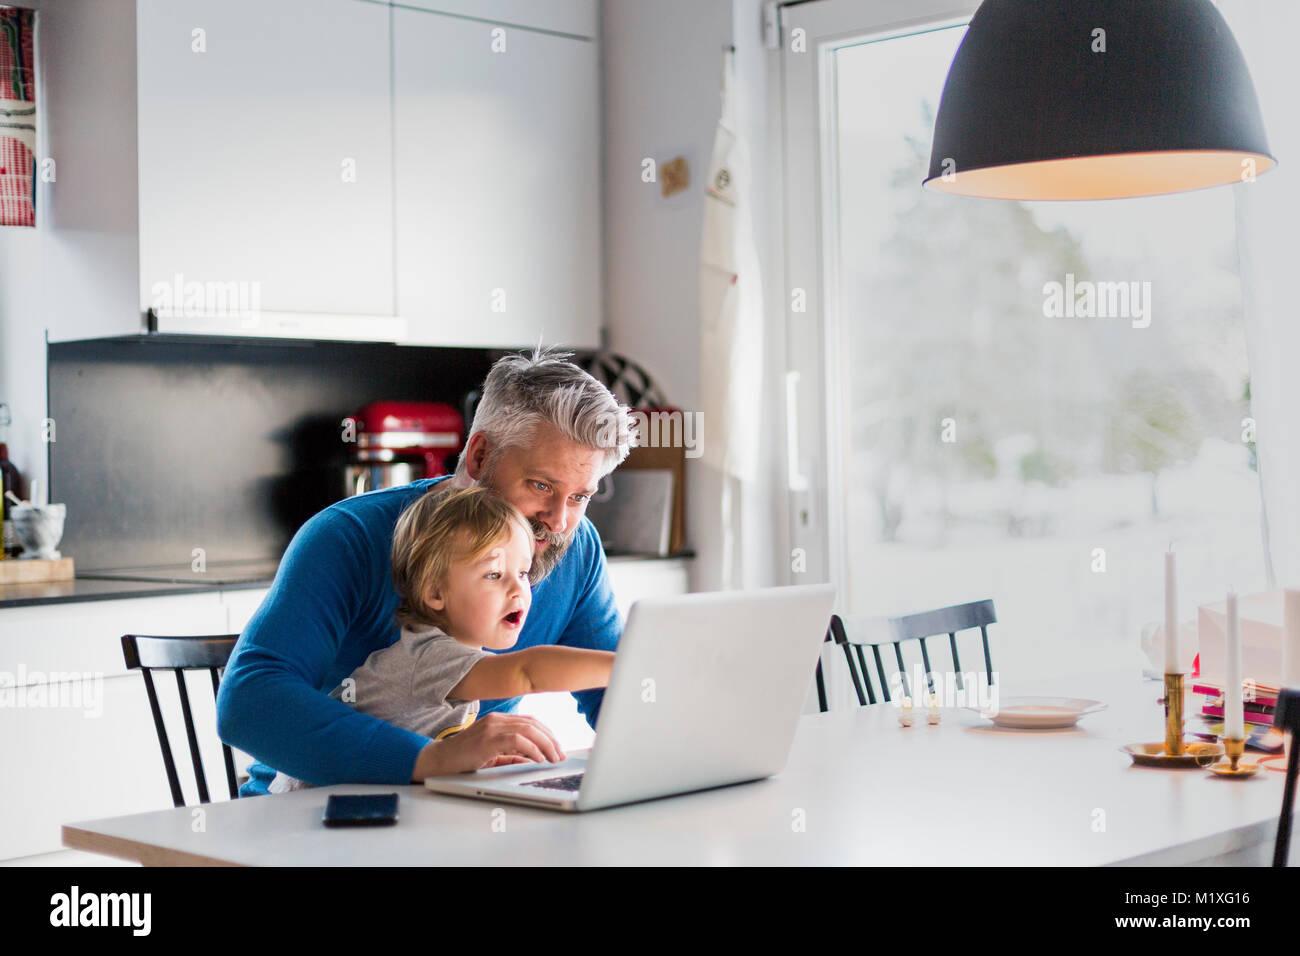 L'homme et l'enfant jouant avec un ordinateur portable dans la cuisine Banque D'Images